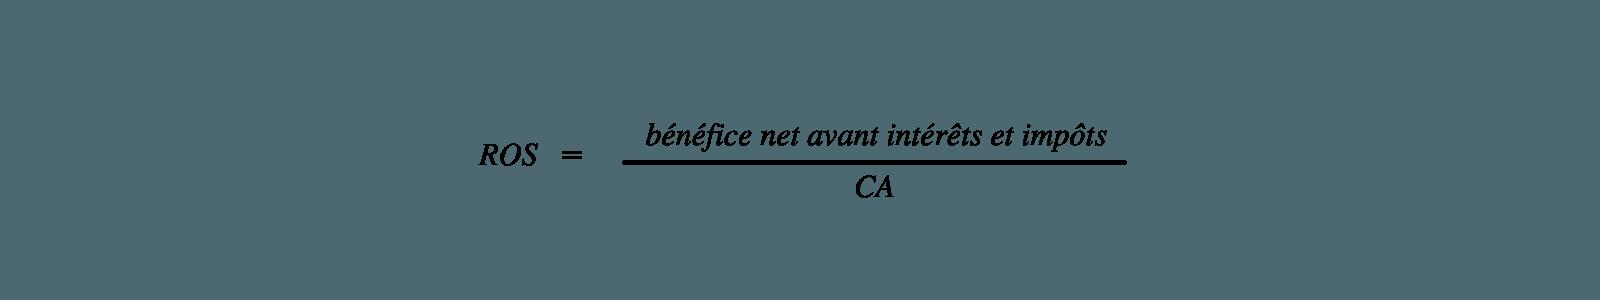 Calcul du ROS dans le cadre de l'analyse financière de l'entreprise